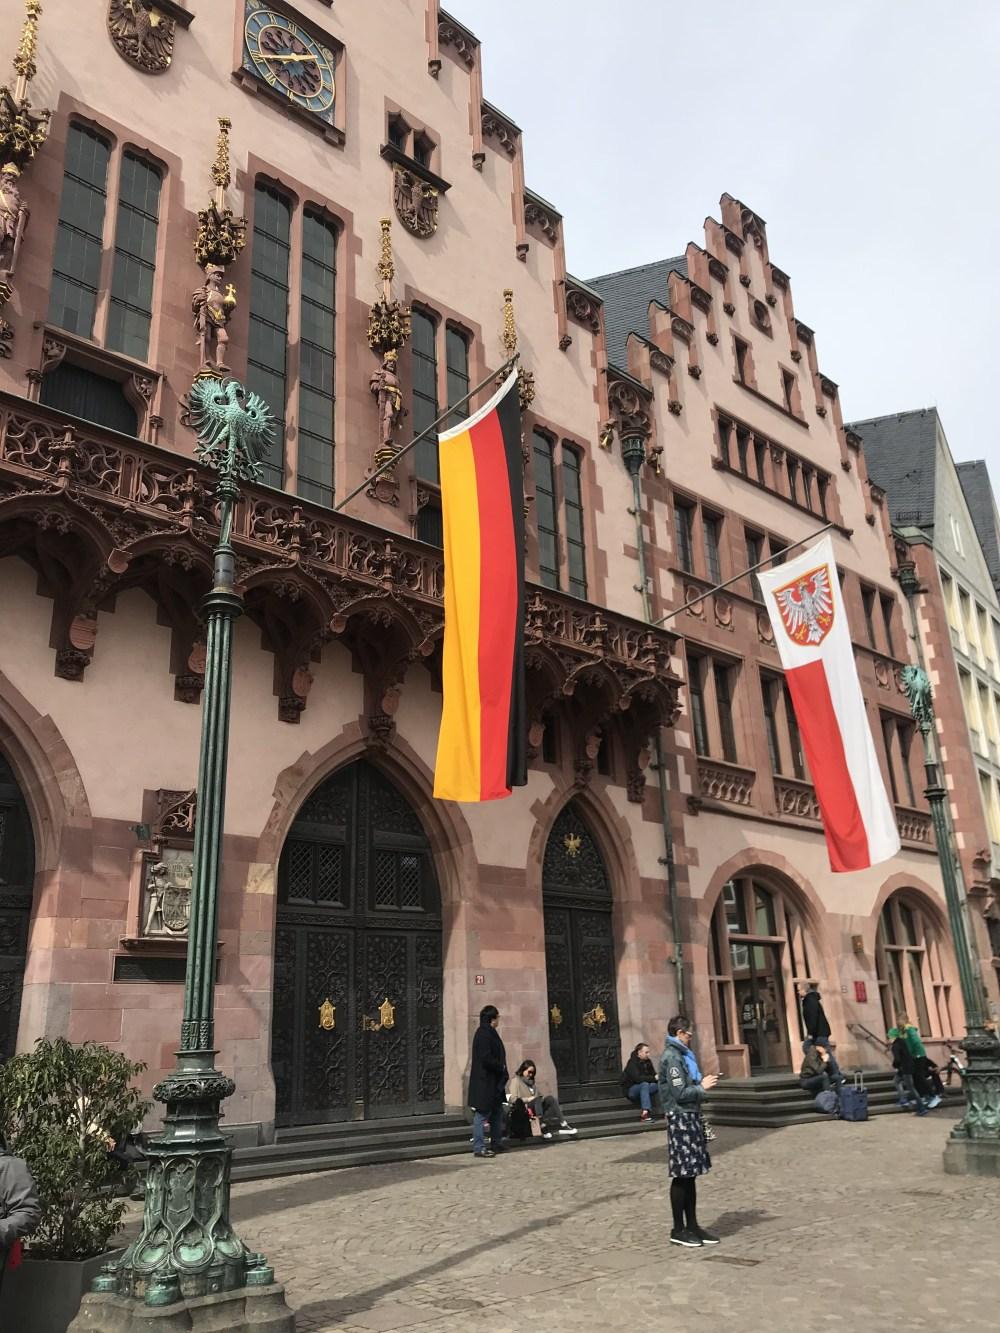 Detalhes da praça central de Frankfurt